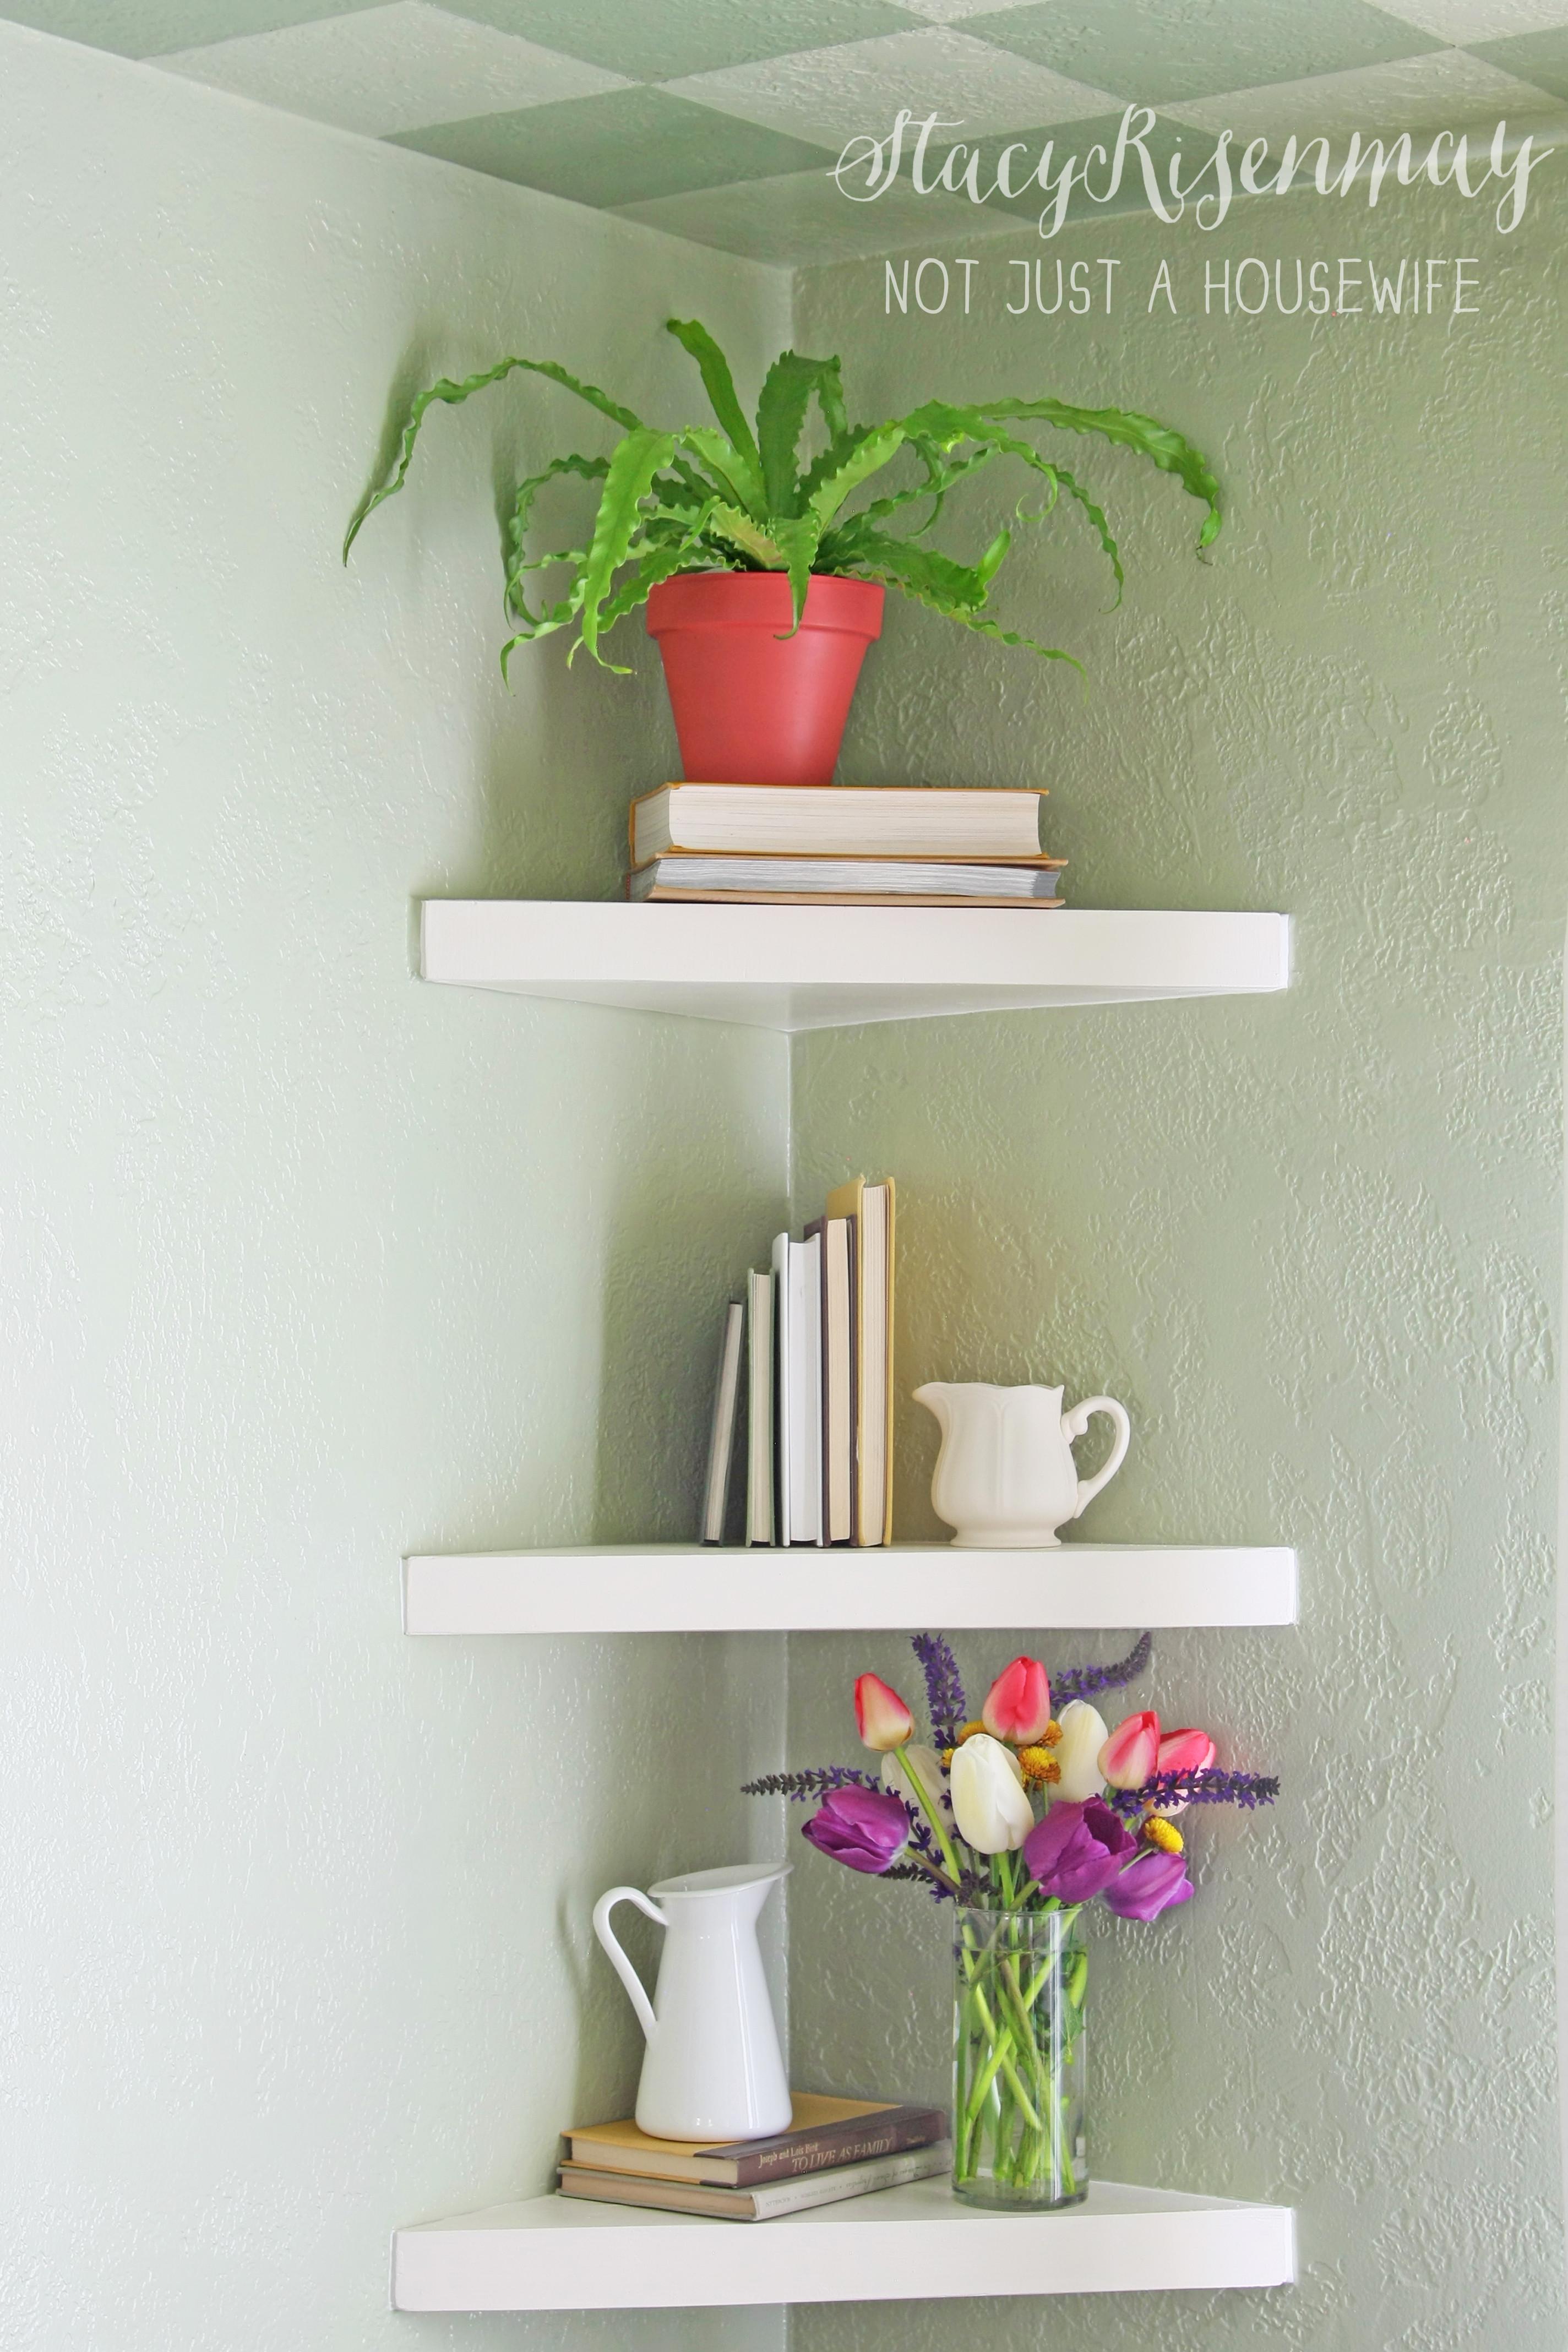 Best ideas about DIY Floating Corner Shelves . Save or Pin Floating Corner Shelves Now.